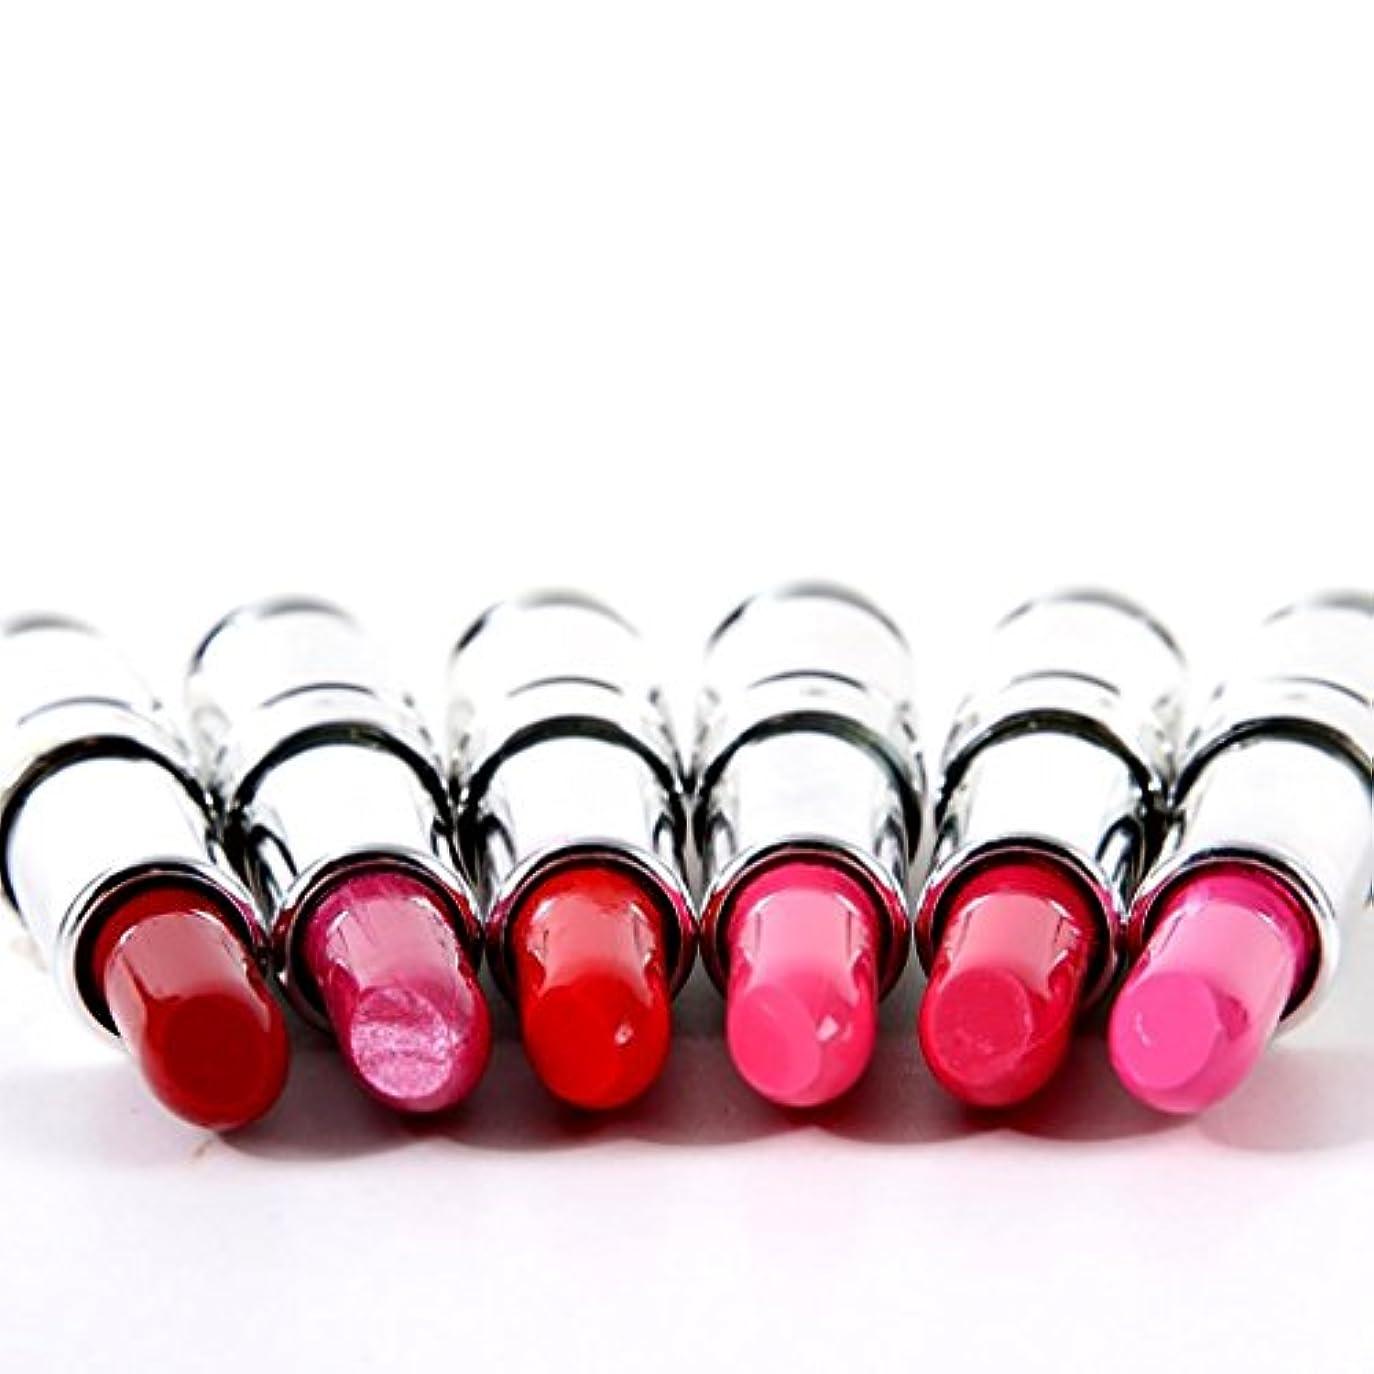 付録成長する阻害するリップスティック 口紅 セット 潤い 人気色 唇メイク 6色入り